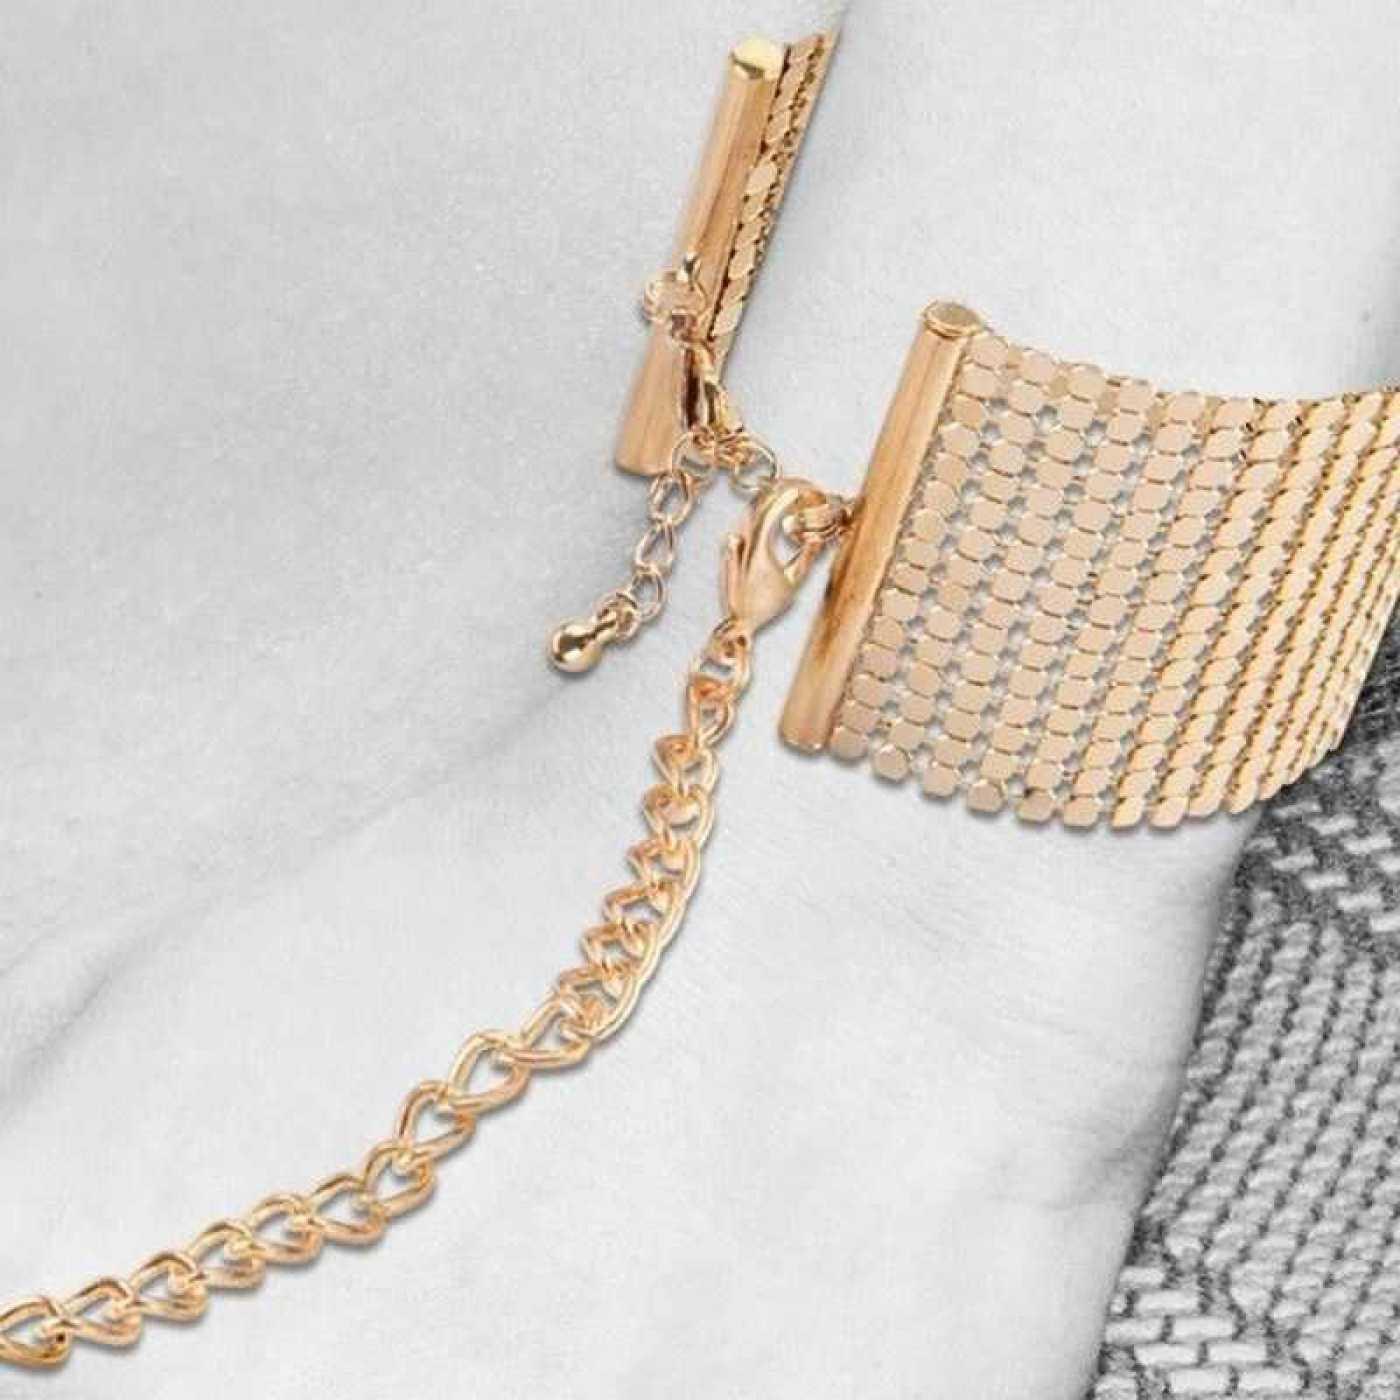 Bijoux Наручники золото